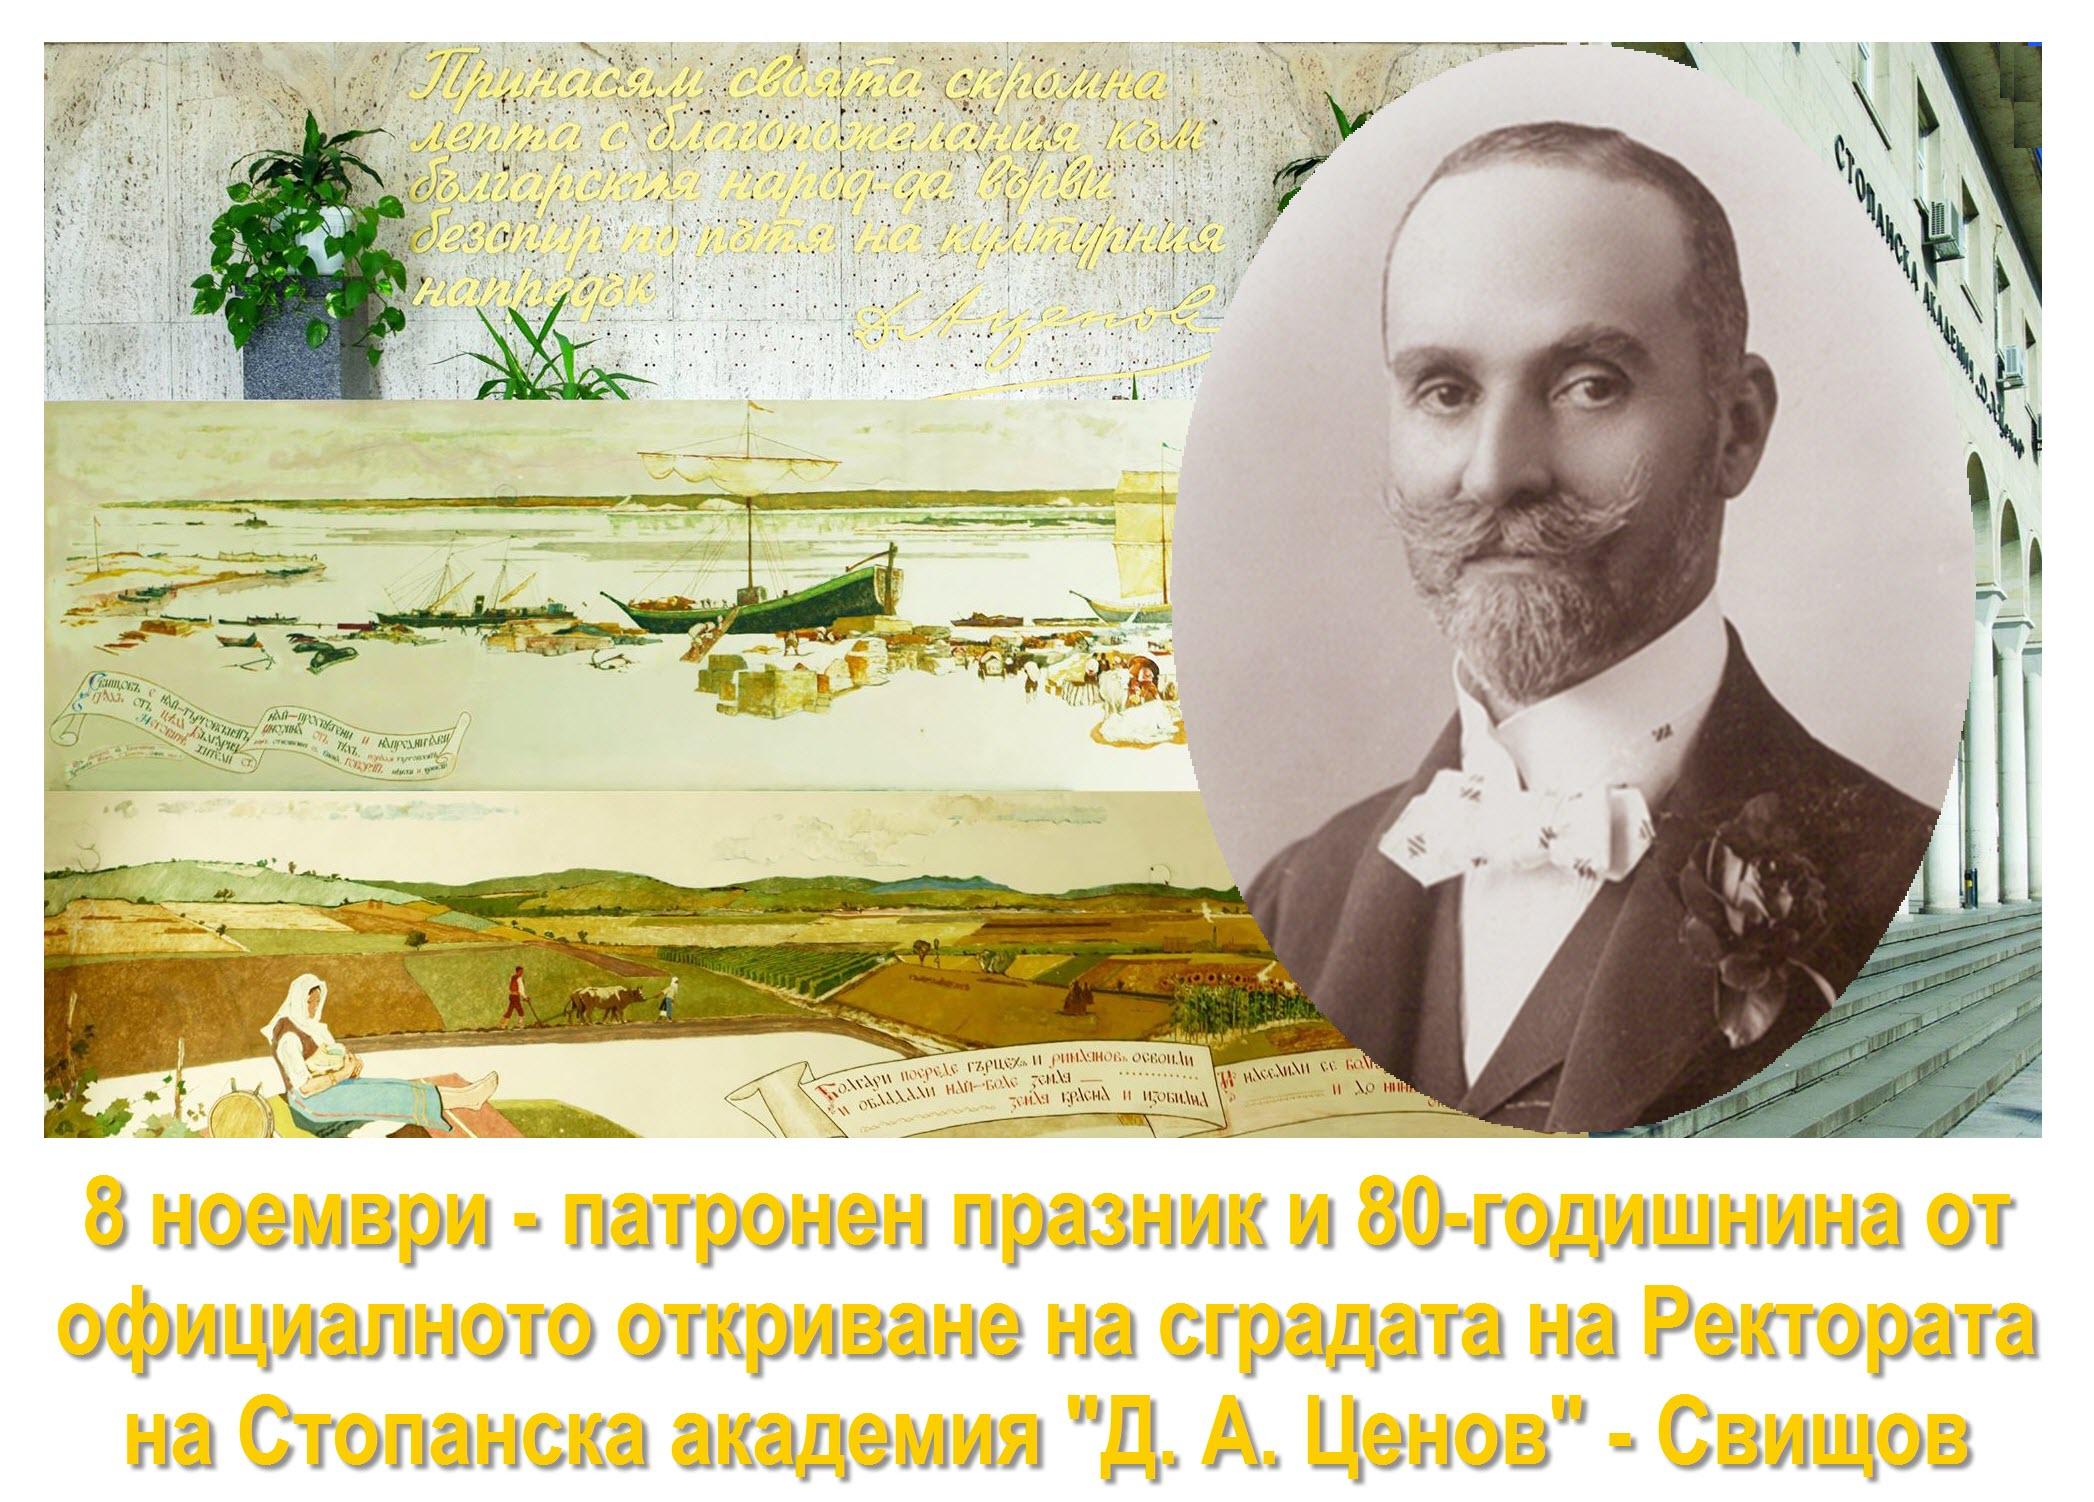 За сградата на Ректората в Свищов и завета на дарителя Димитър Апостолов Ценов (5.11.2019)